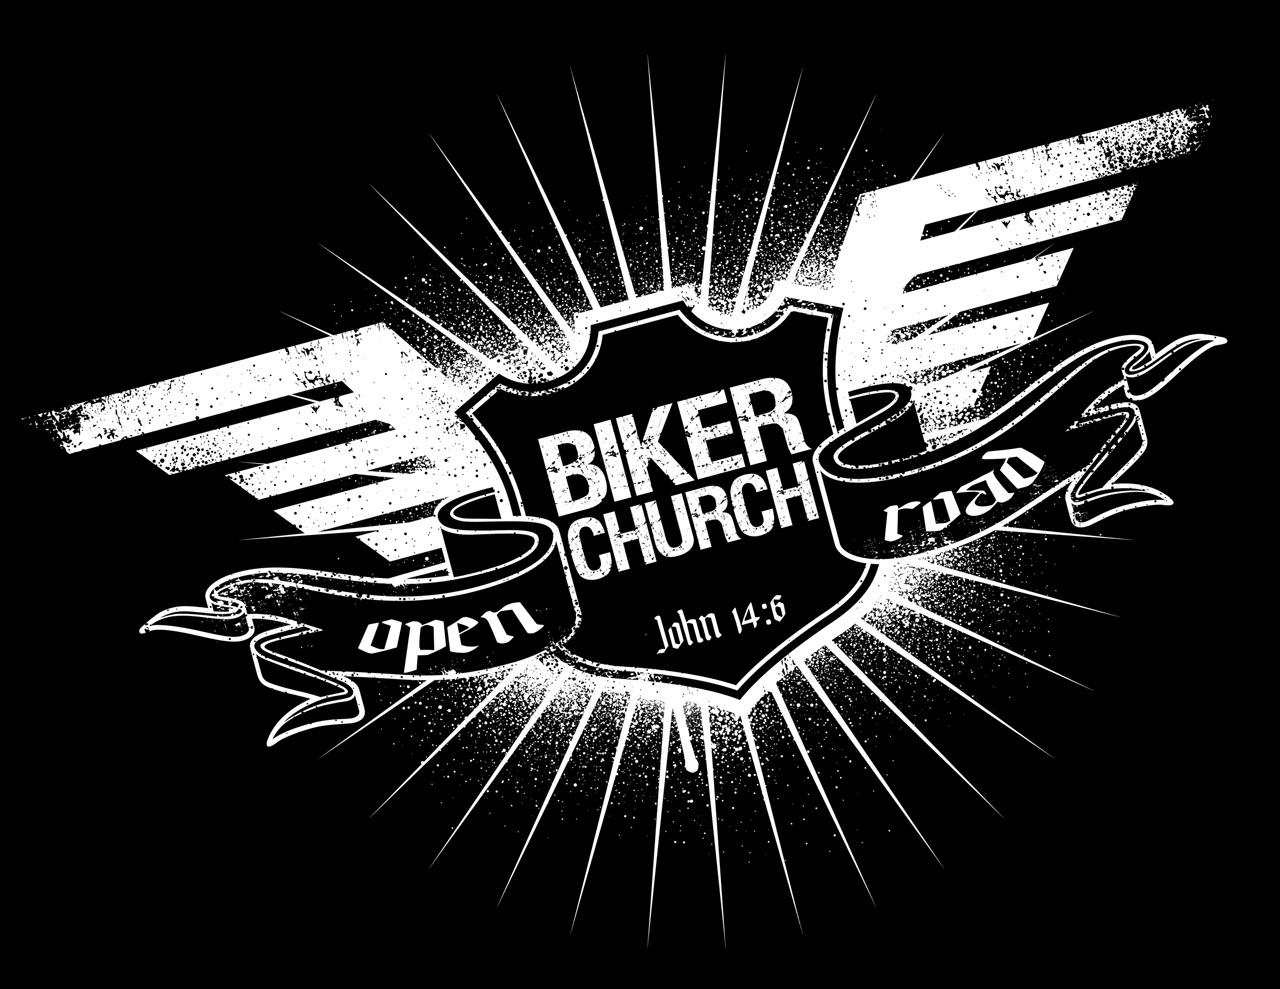 Christian Biker Wallpaper Wallpapersafari